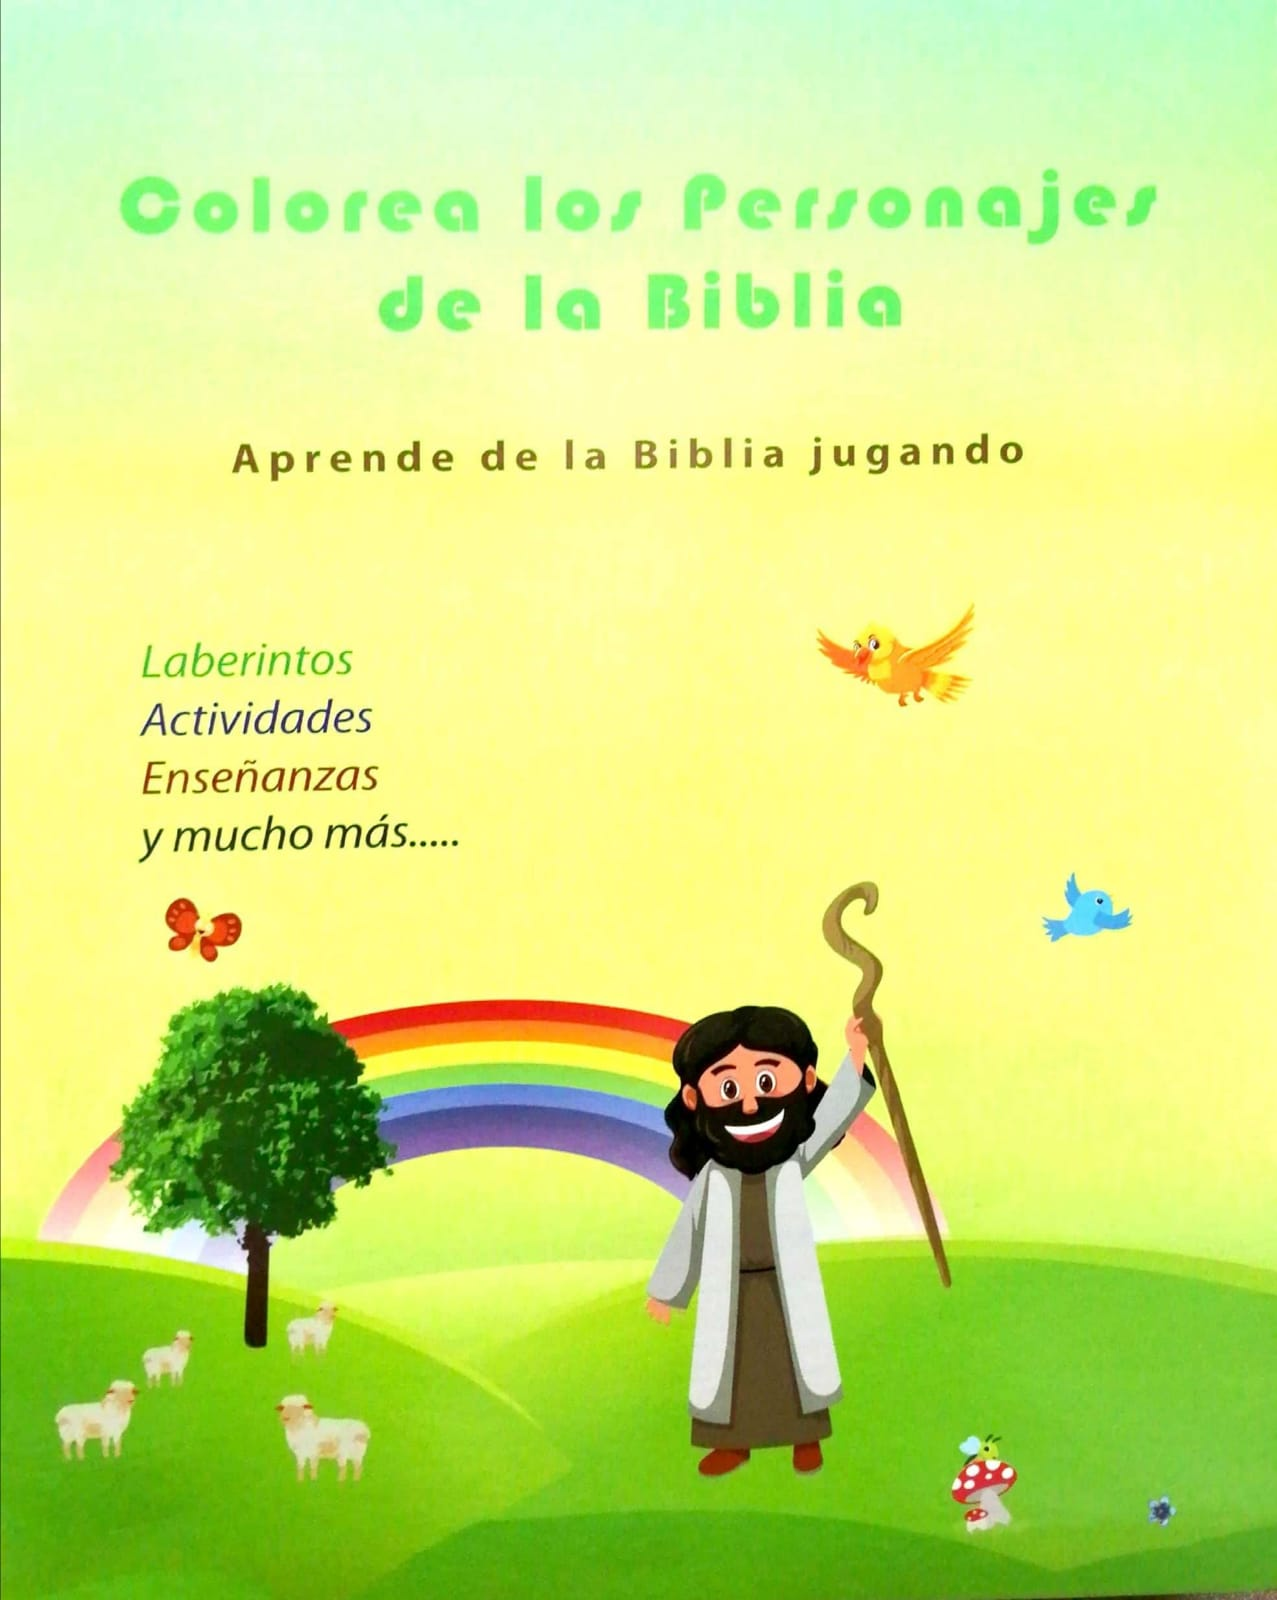 Colorea los Personajes de la Biblia